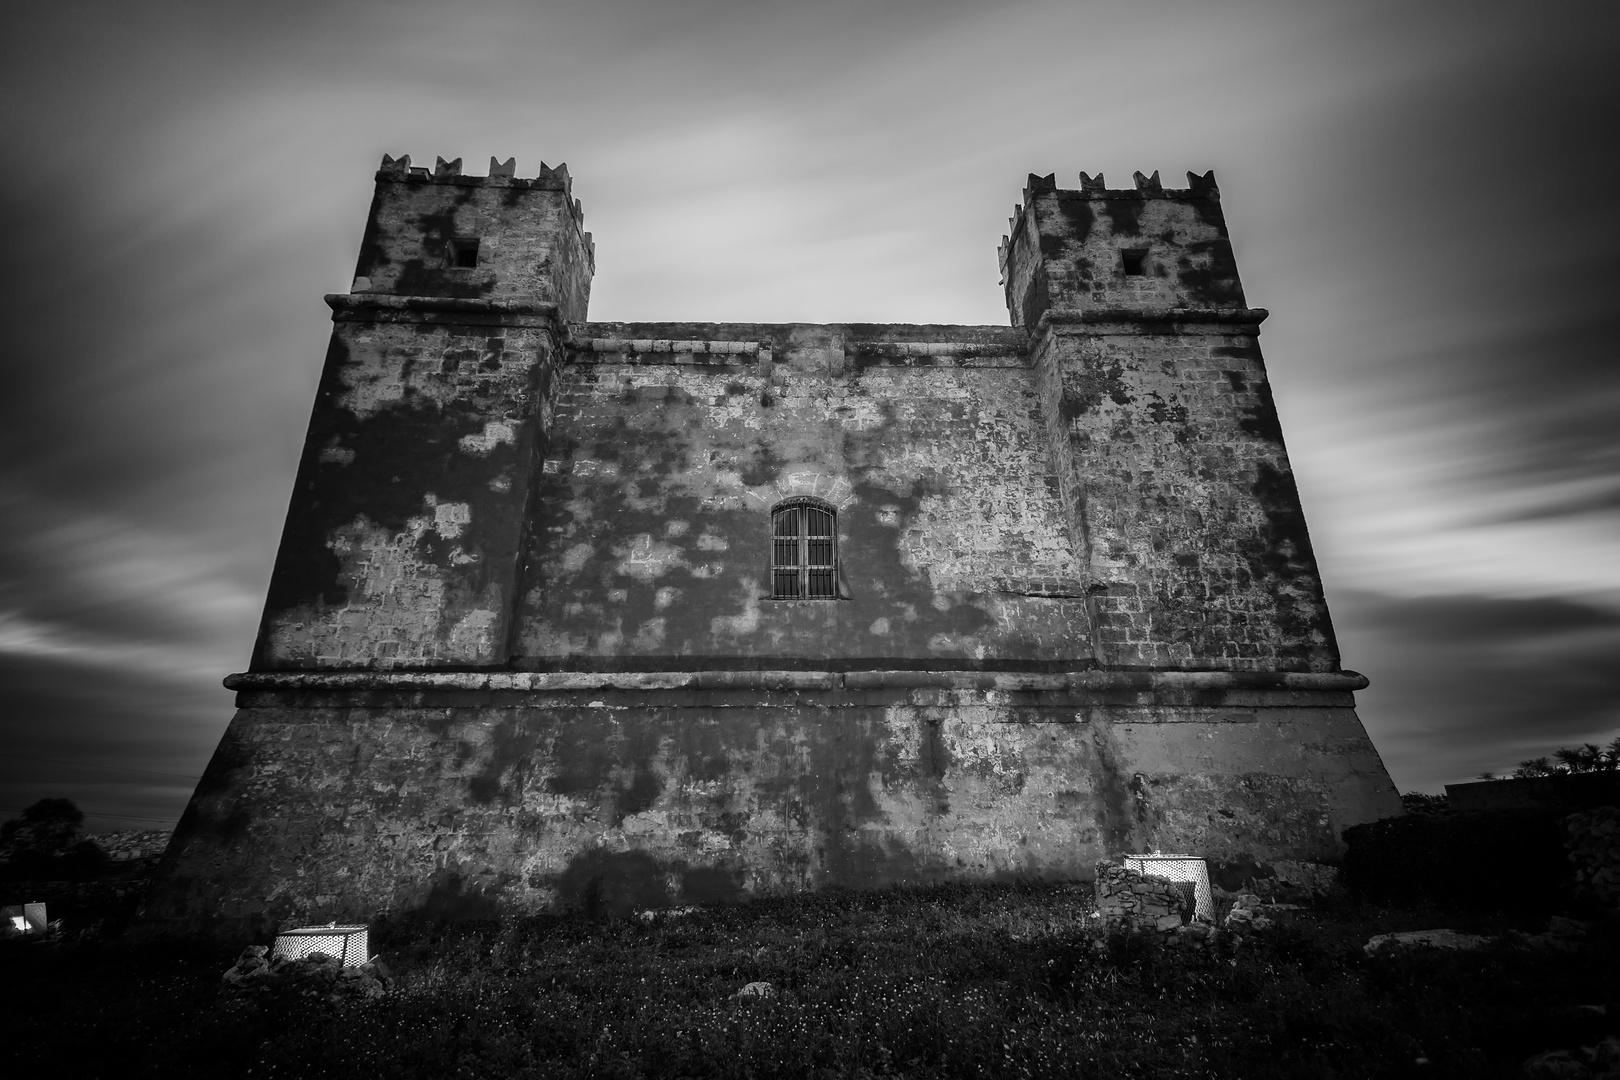 St. Agatha's Tower.